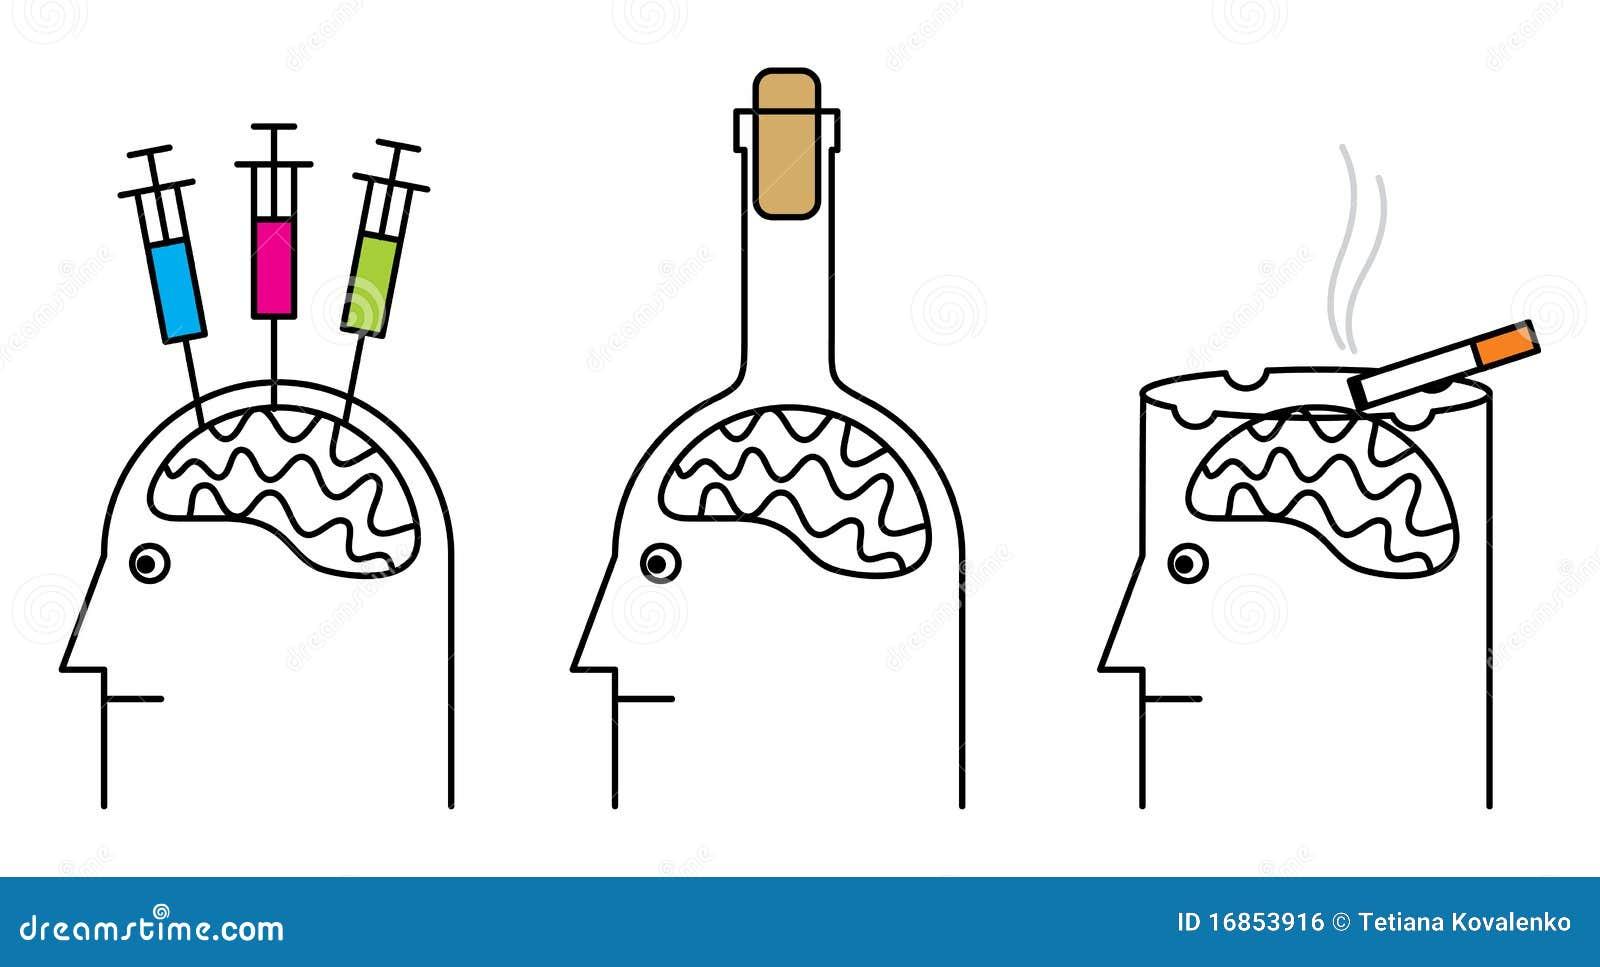 Donde ser codificado del alcoholismo ulyanovsk